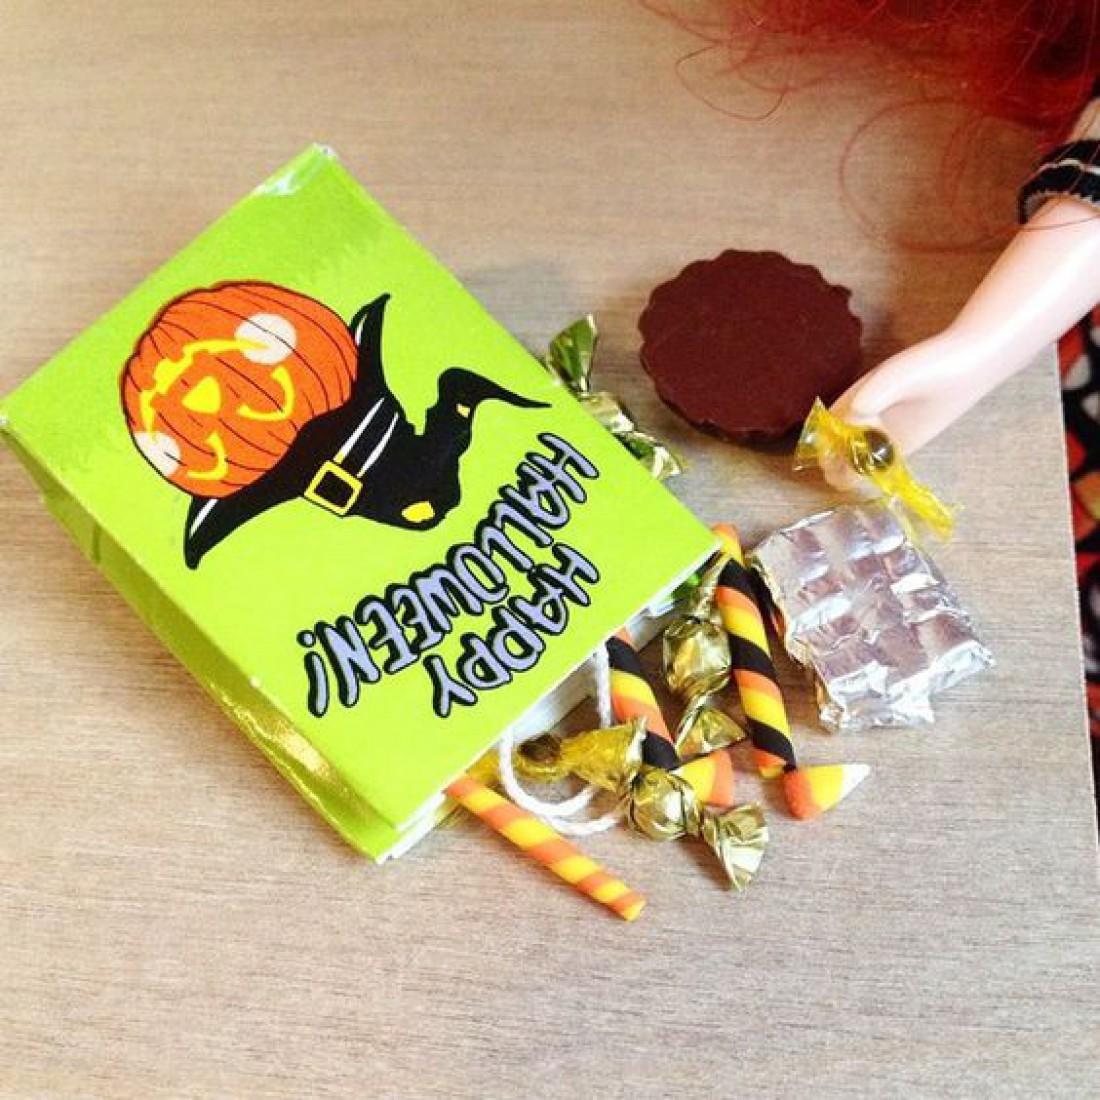 Родители съели все конфеты: казнить, или помиловать